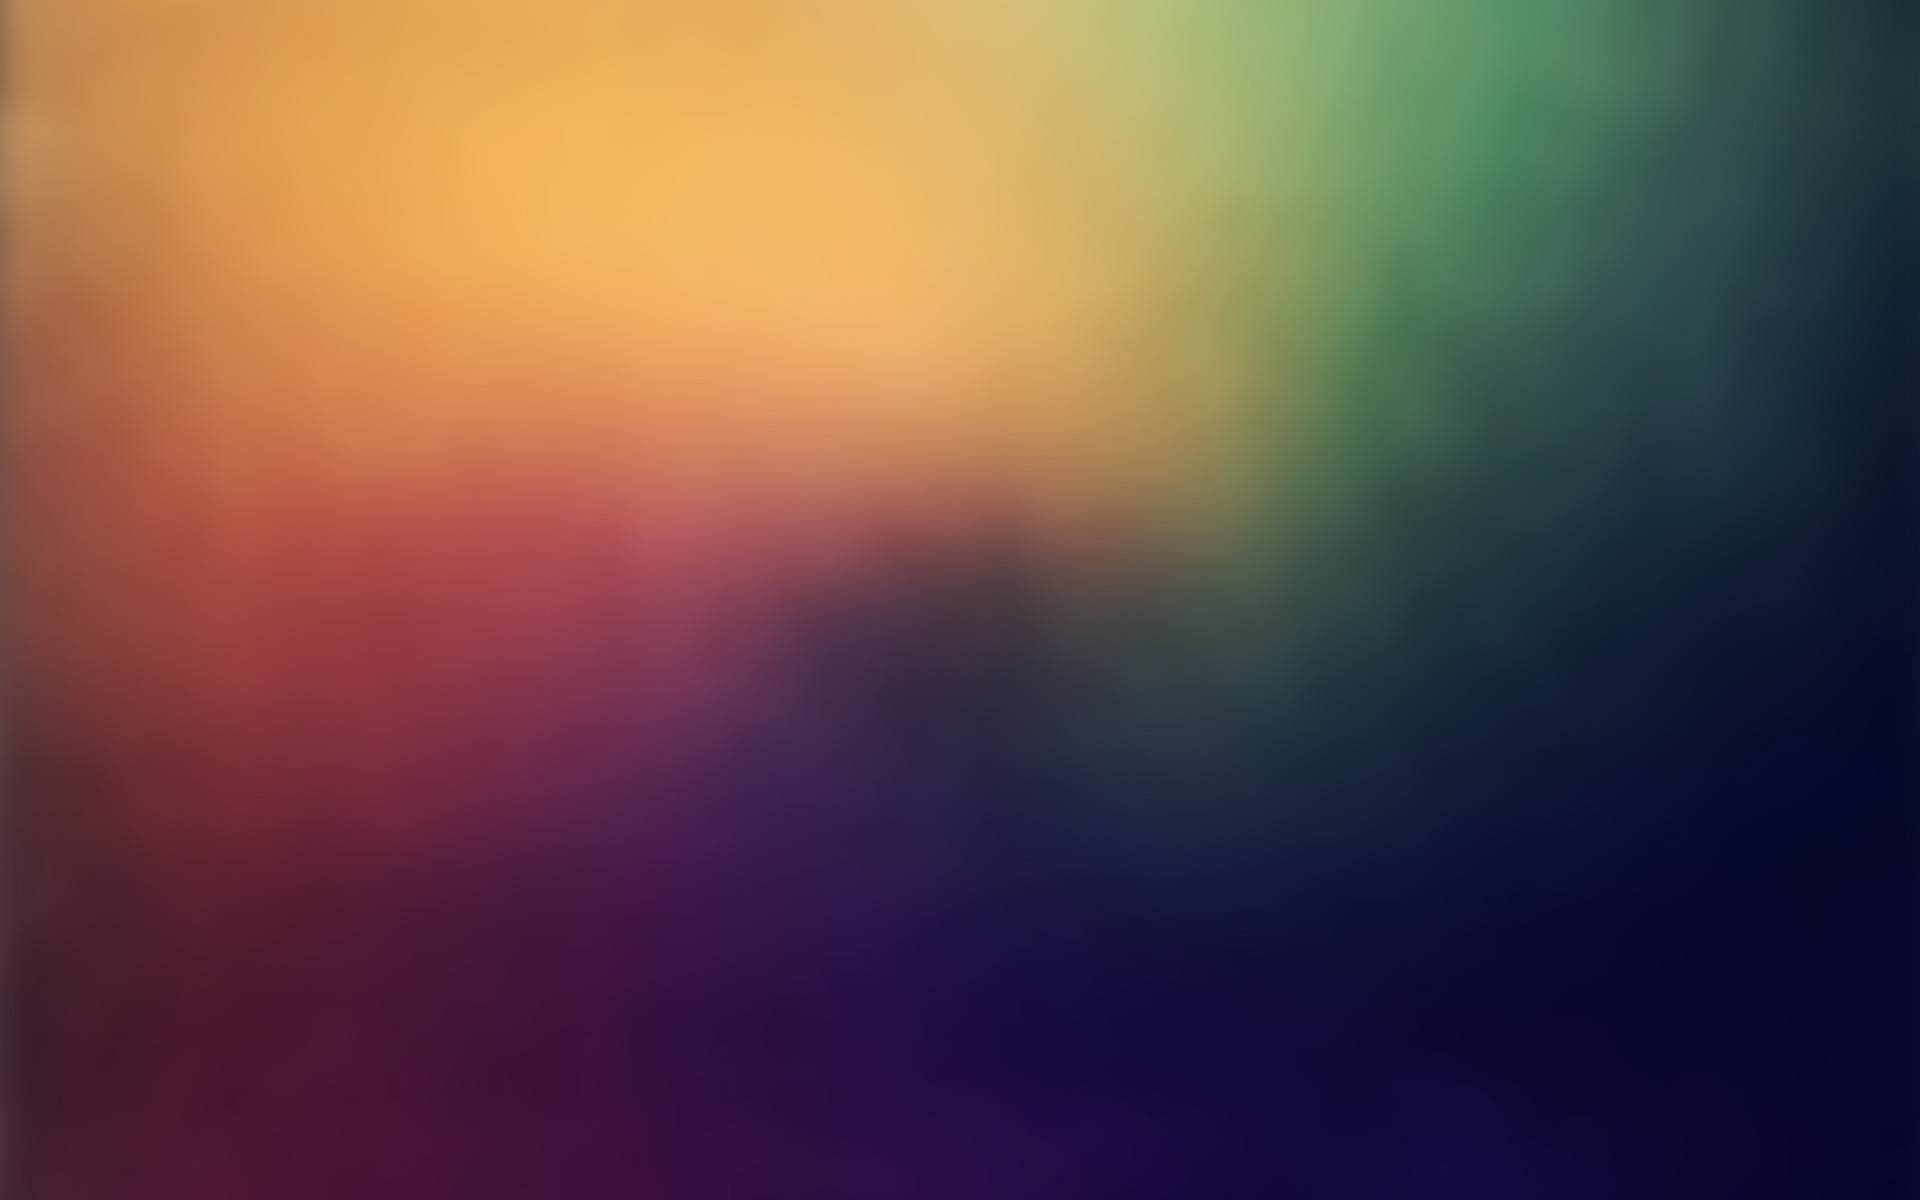 HD Minimalist Wallpaper - WallpaperSafari